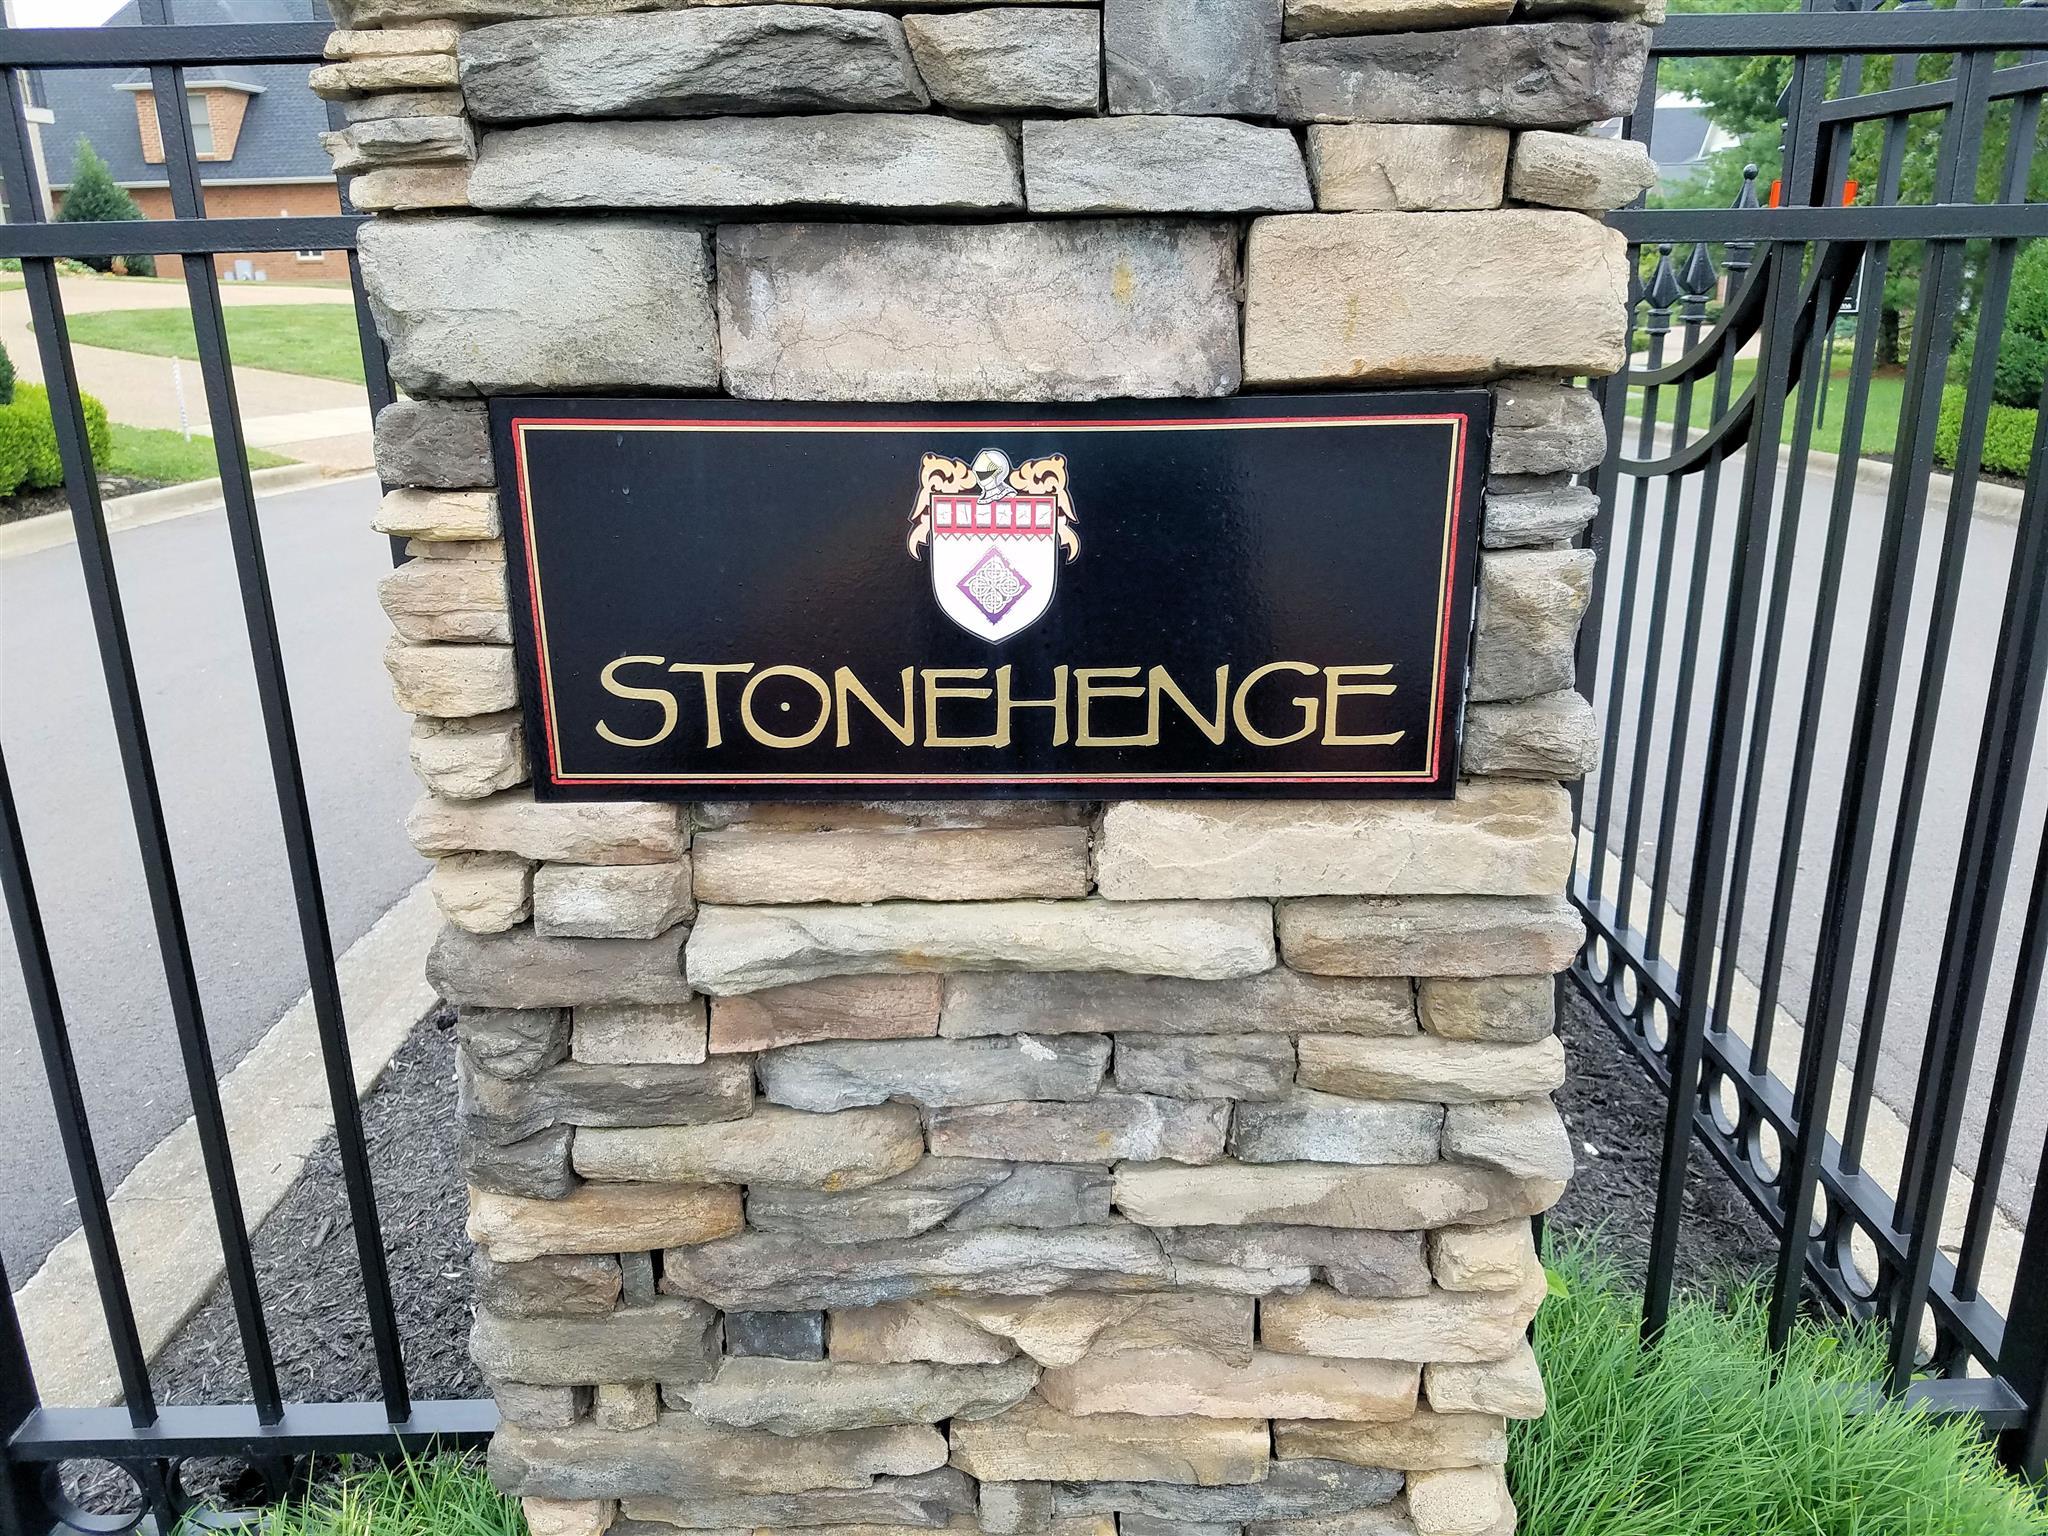 836 SALISBURY WAY, Clarksville, TN 37043 - Clarksville, TN real estate listing